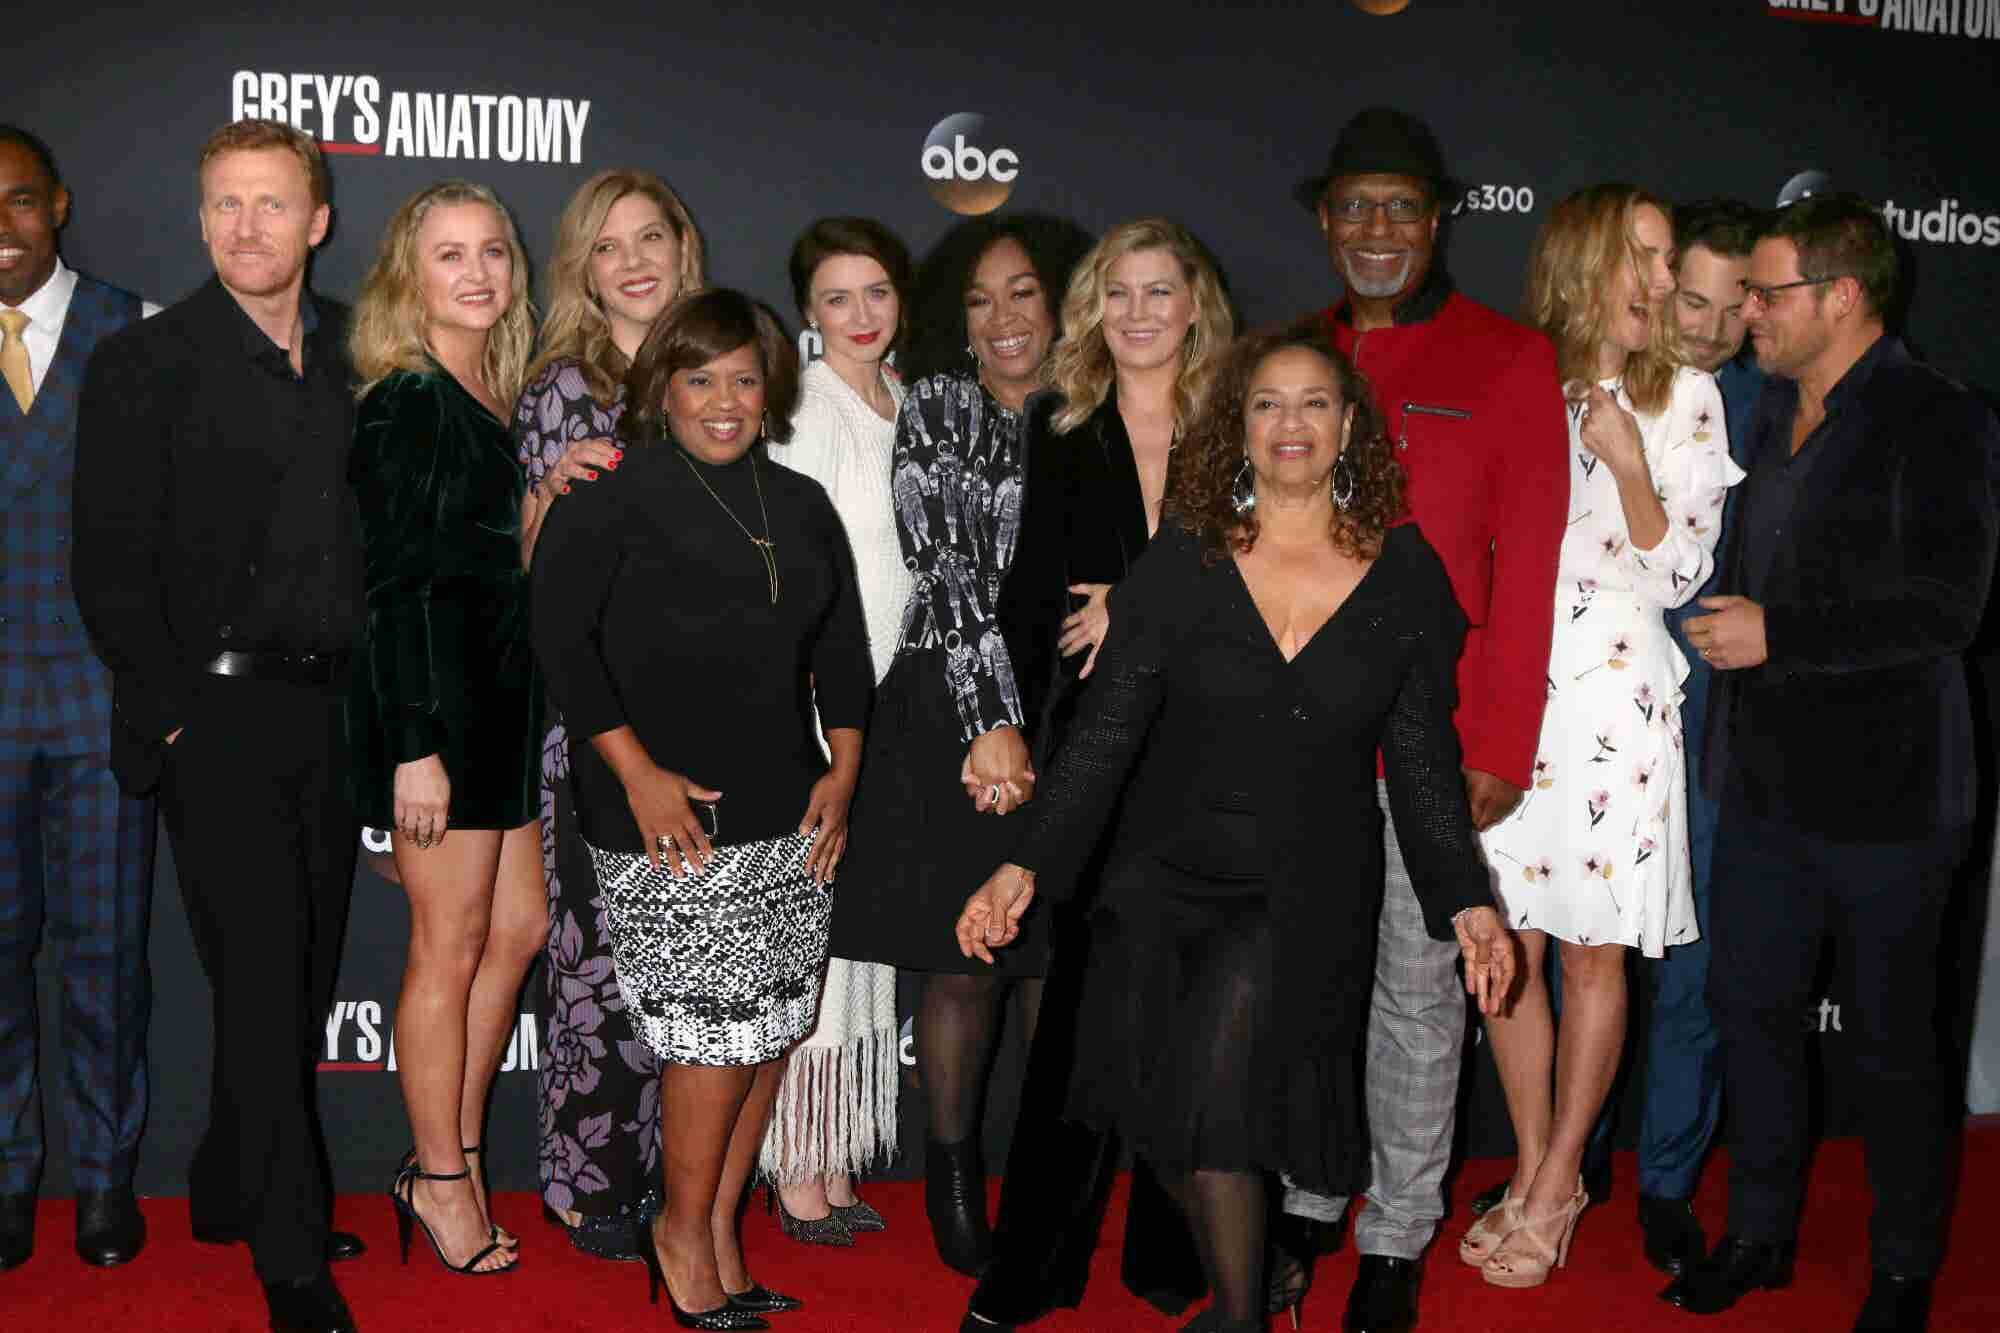 Cómo ganar dinero haciendo llorar a la gente como la creadora de 'Grey's Anatomy'